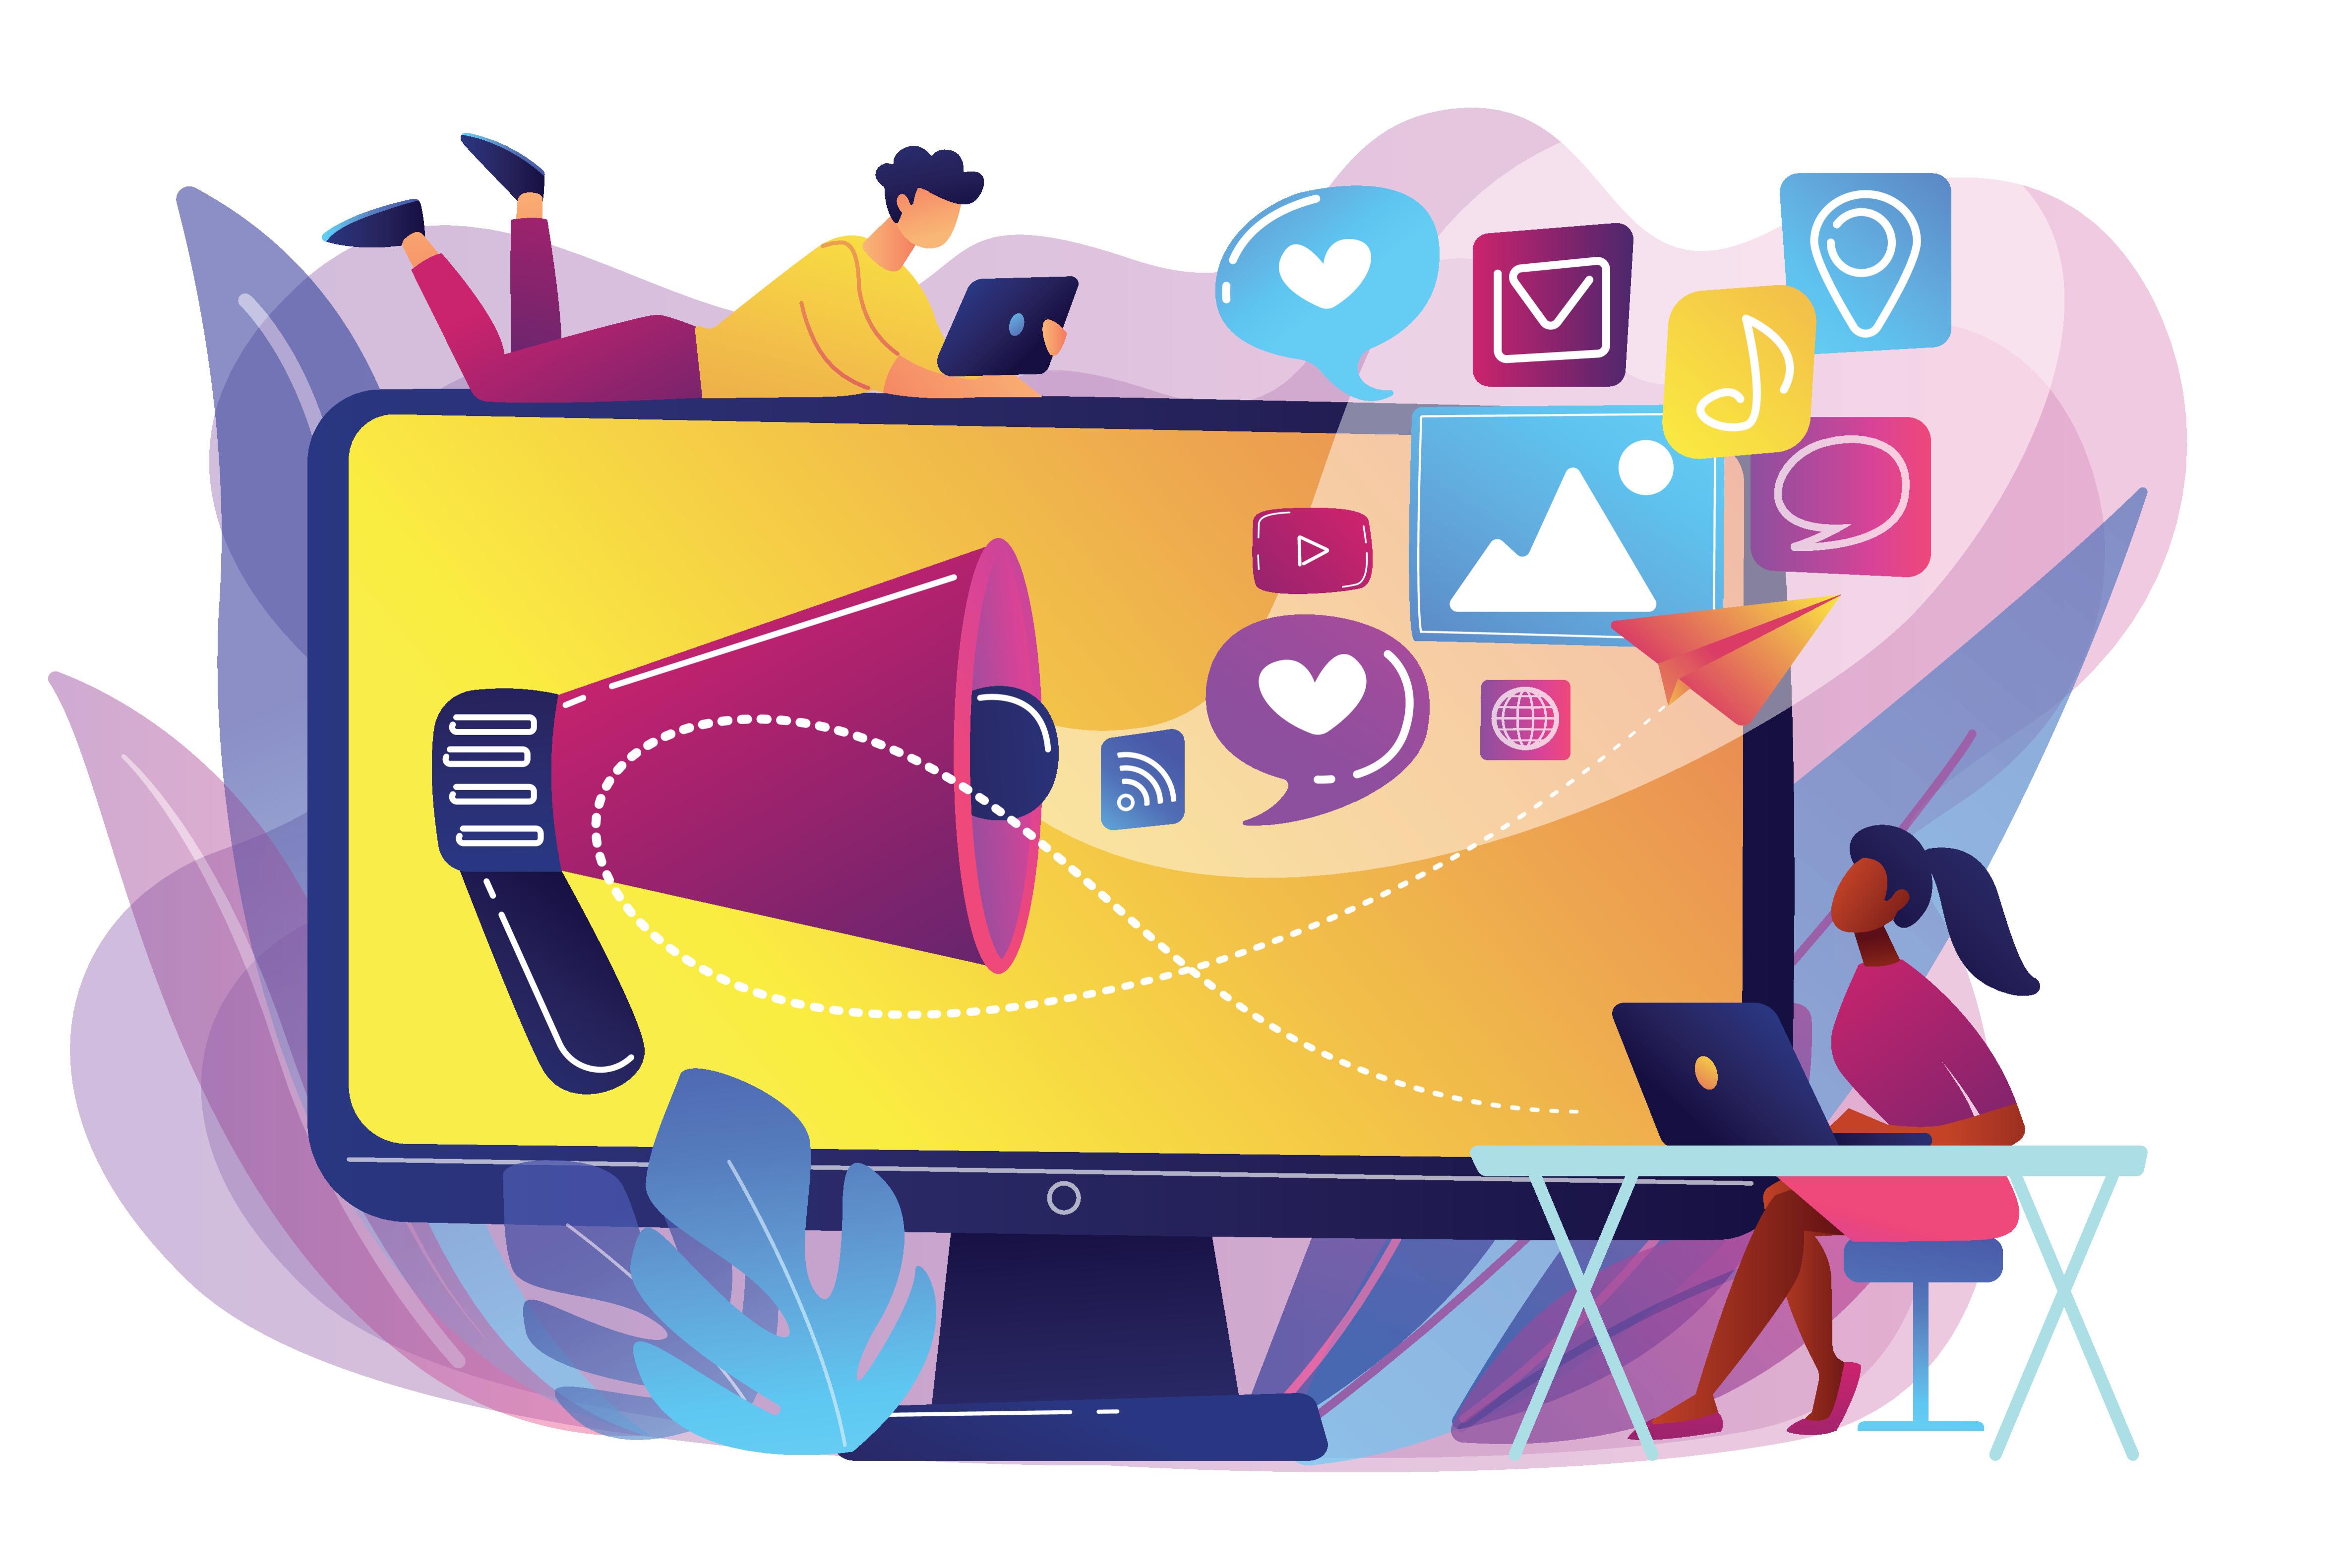 オンライン講座の自動販売に必須の7つの海外ツールを紹介します!